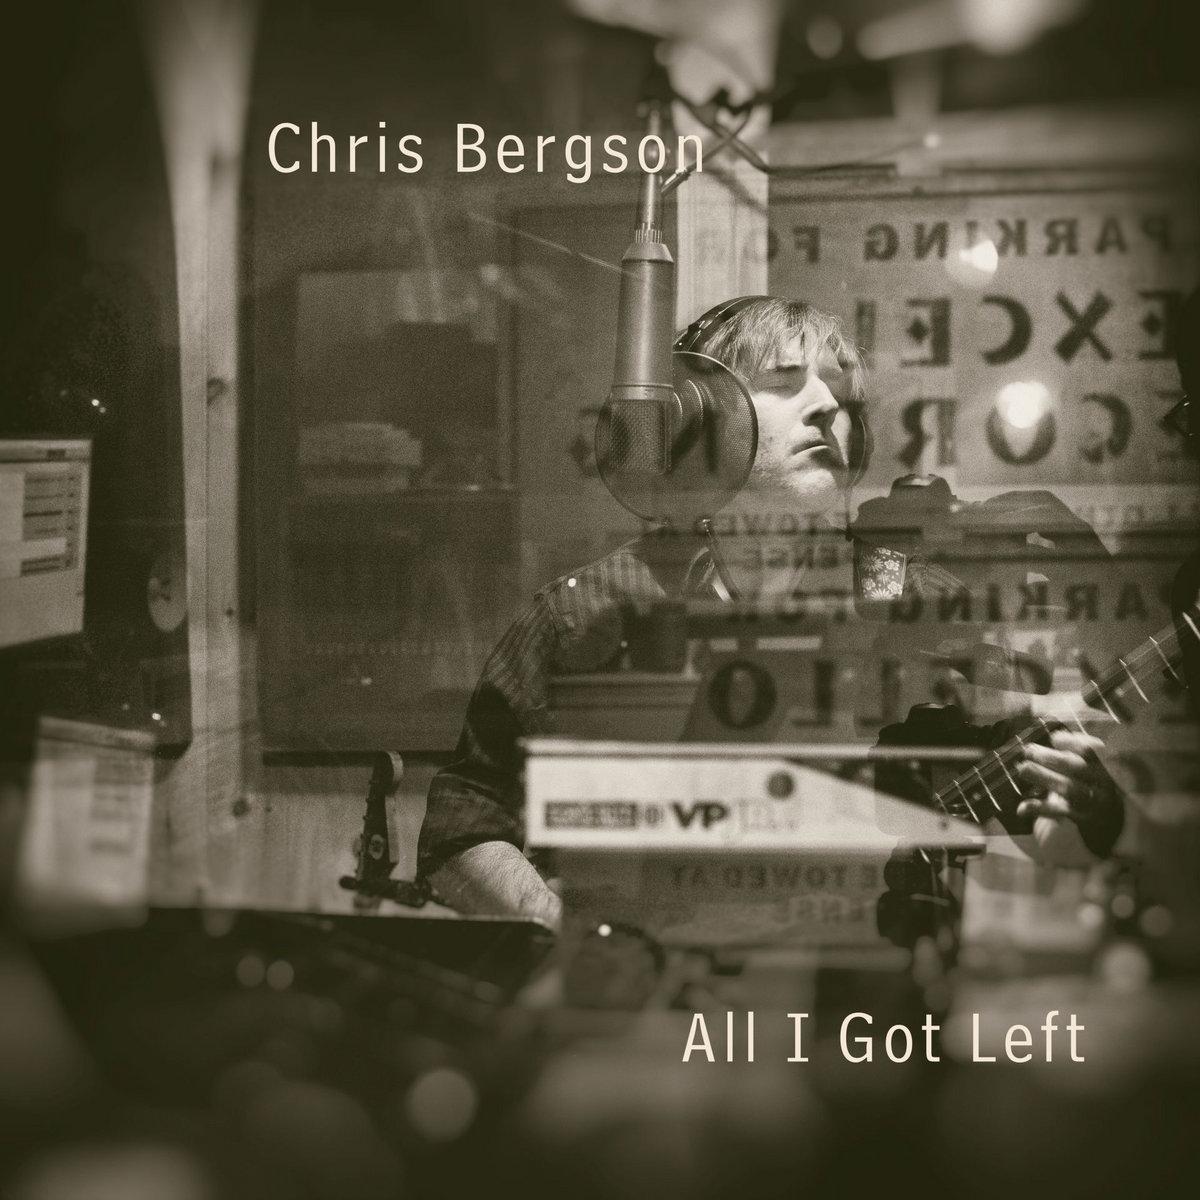 Chris Bergson - All I Got Left